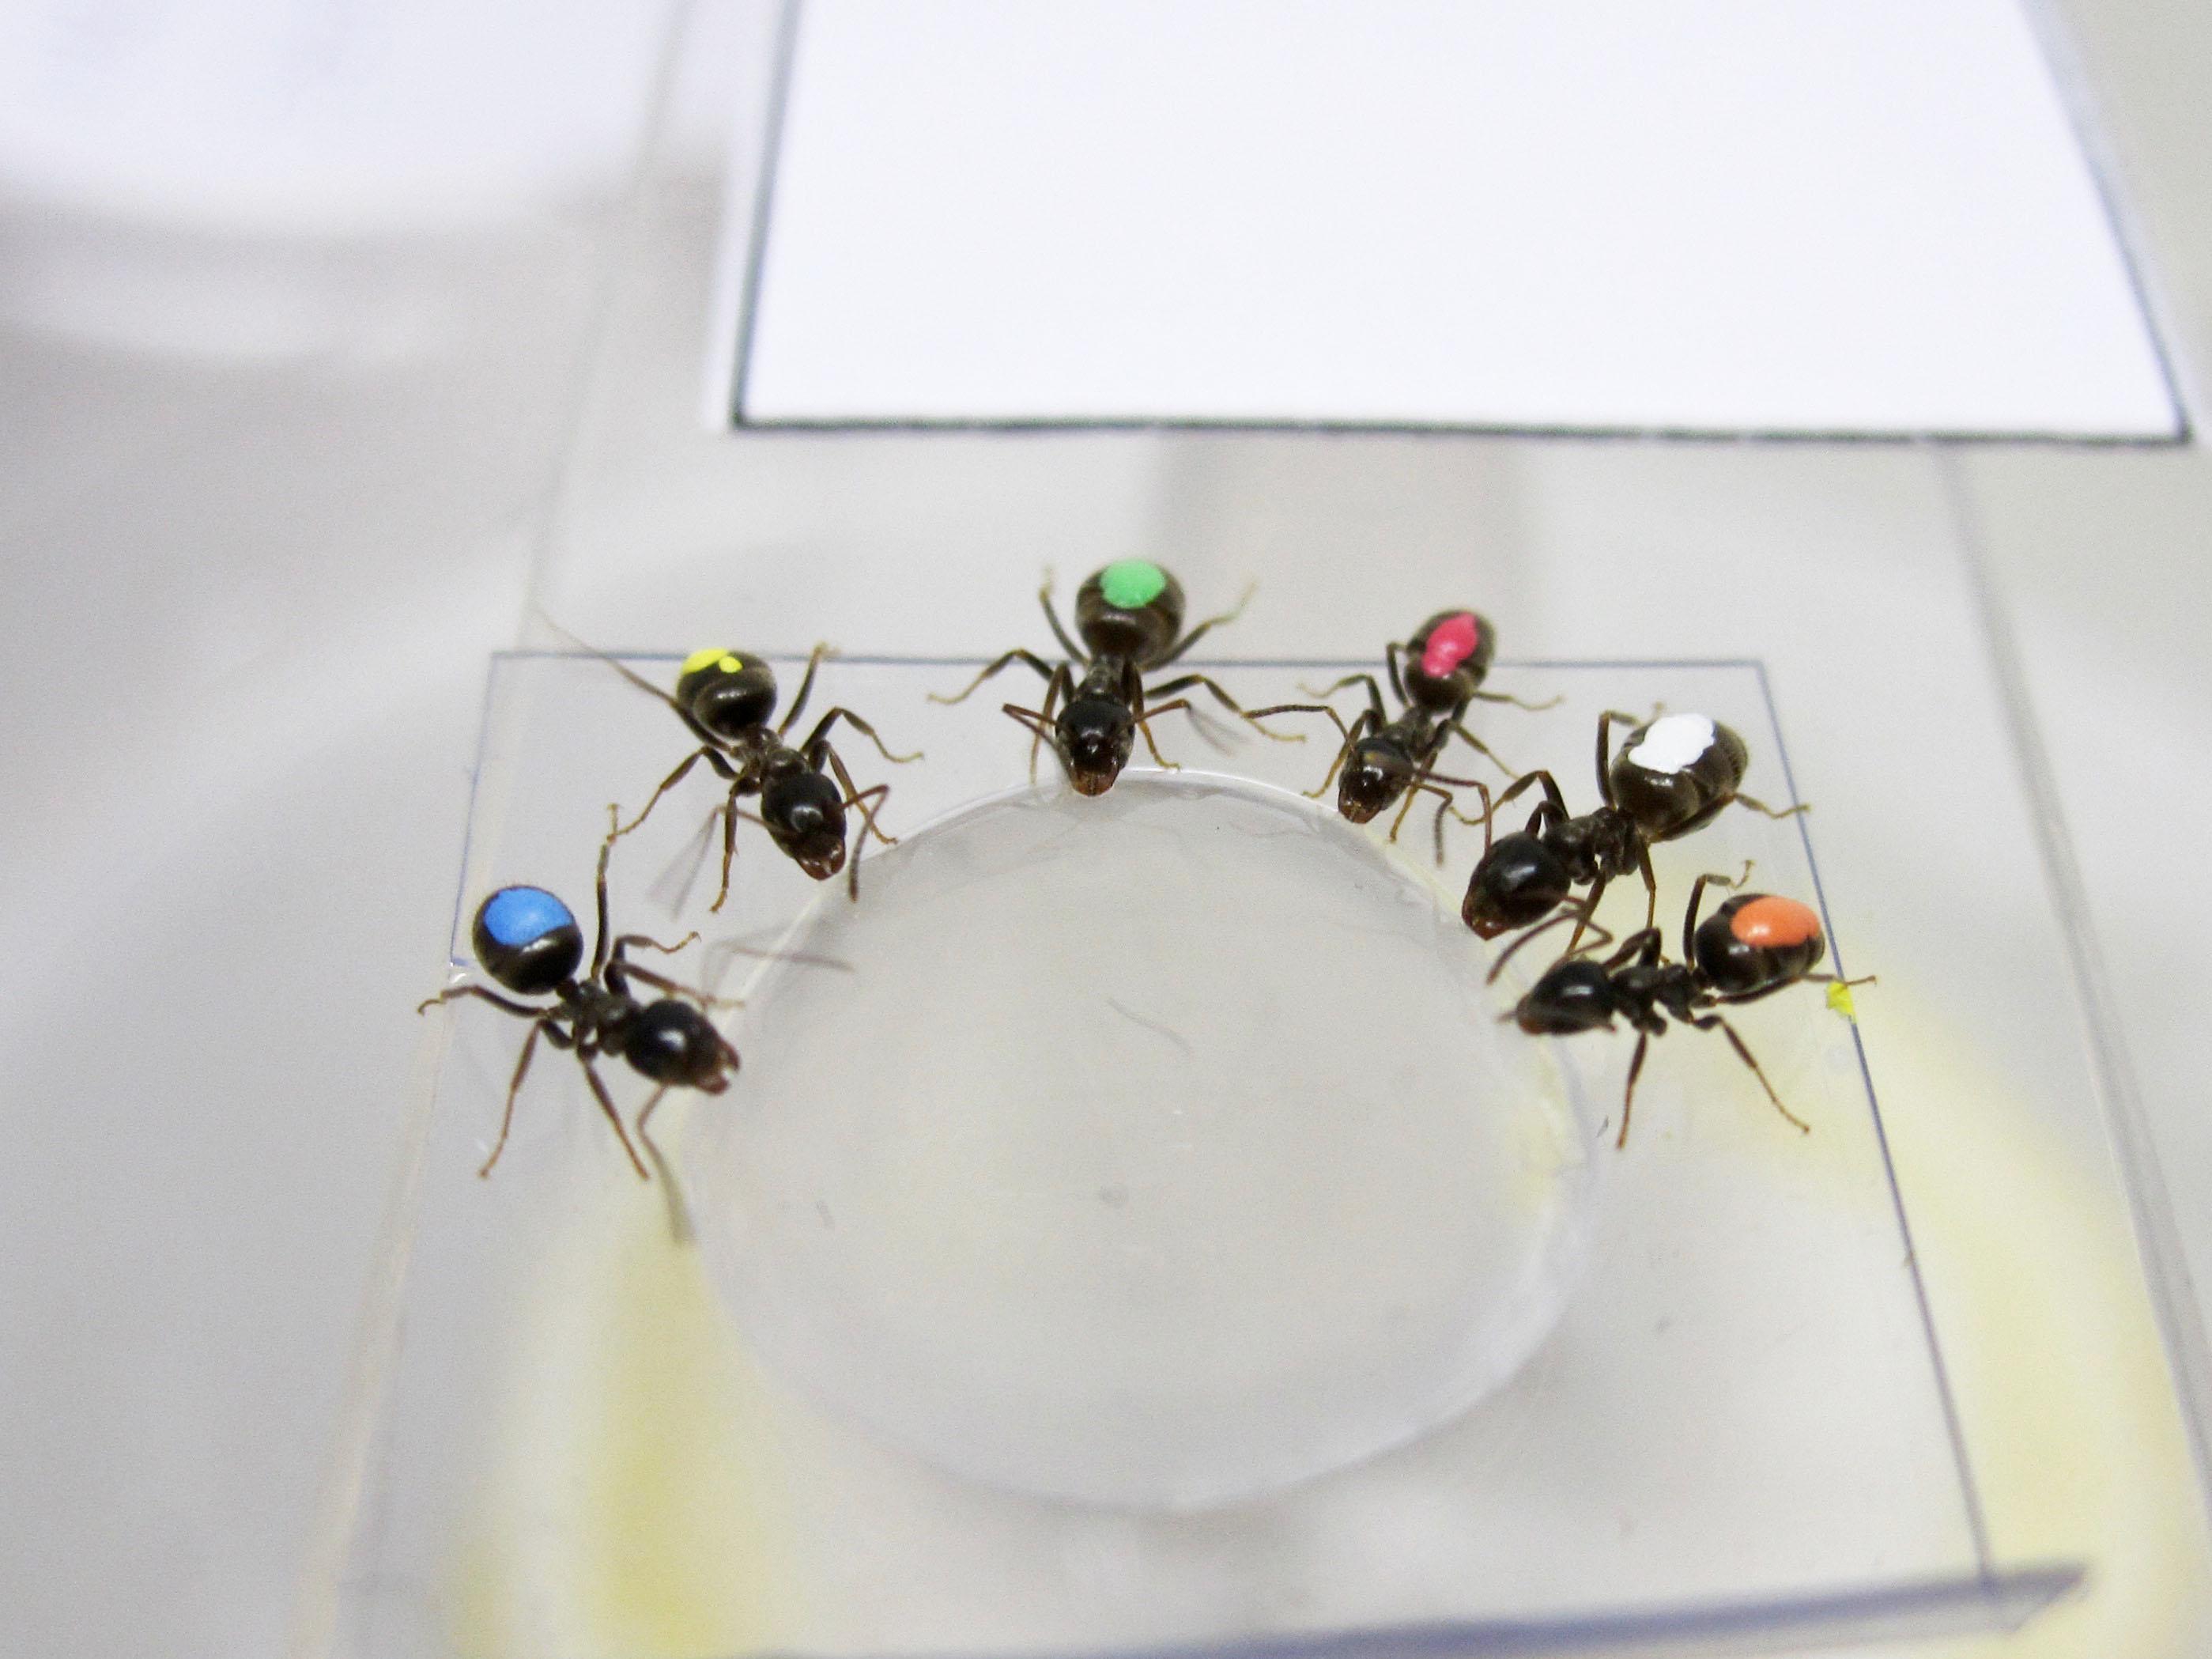 Las hormigas del experimento probando la comida facilitada por los investigadores. Crédito: A. Koch